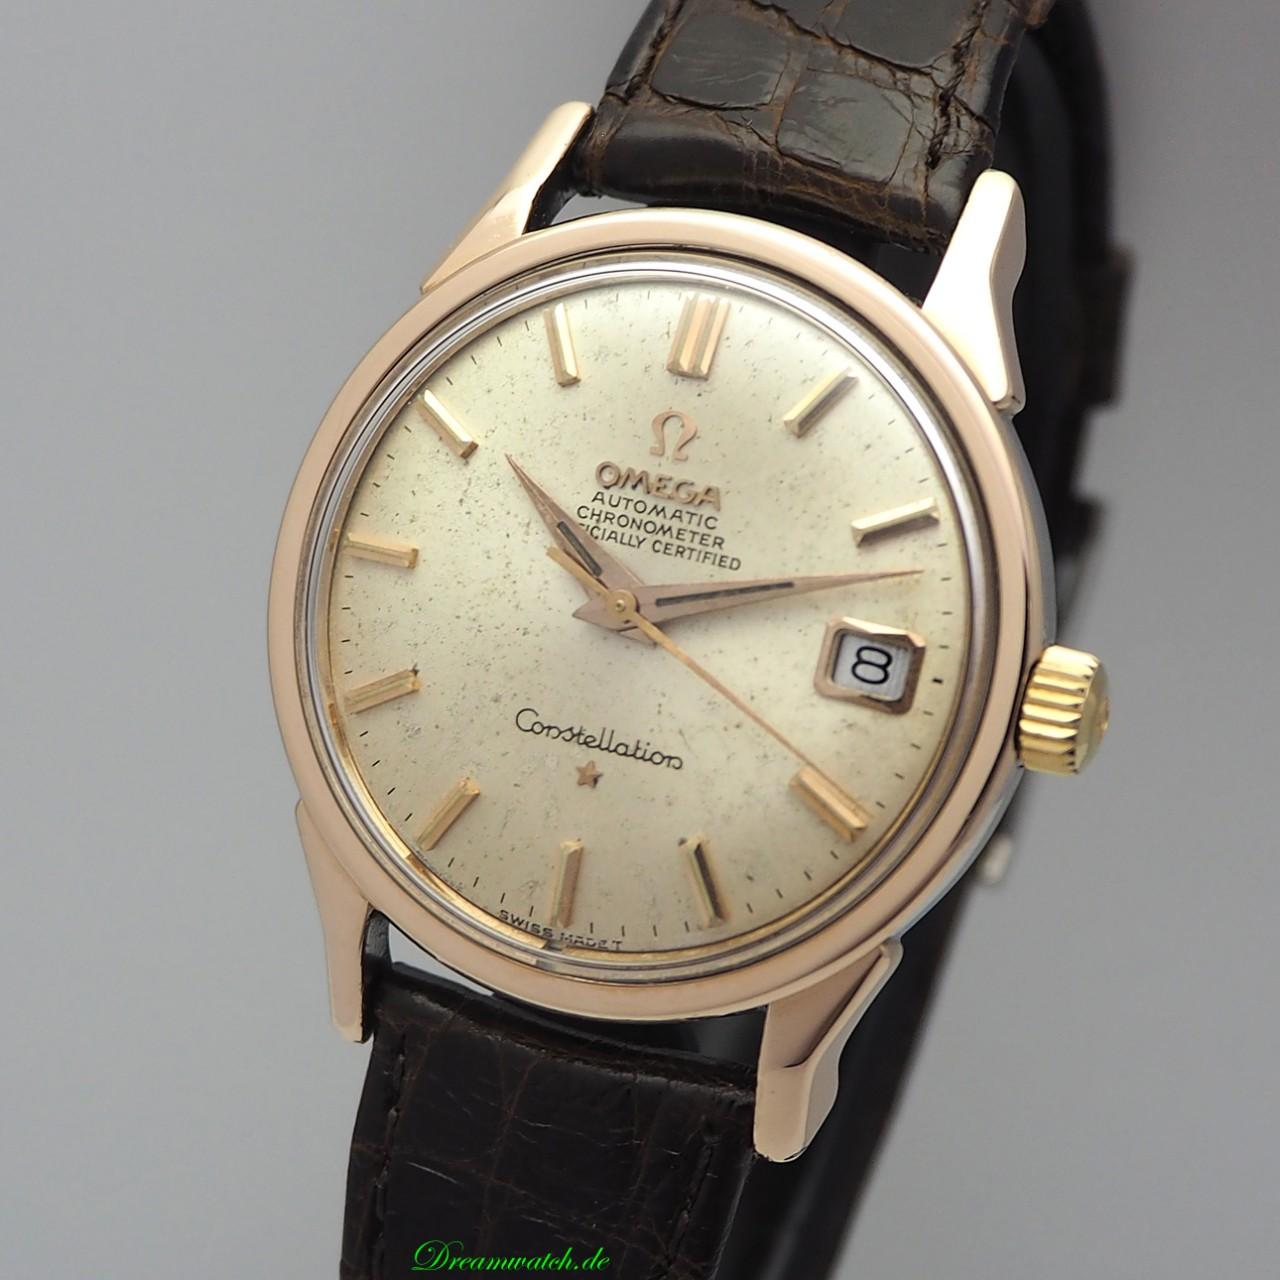 Omega Constellation Vintage Automatik Date Roségold/ Stahl 168.005